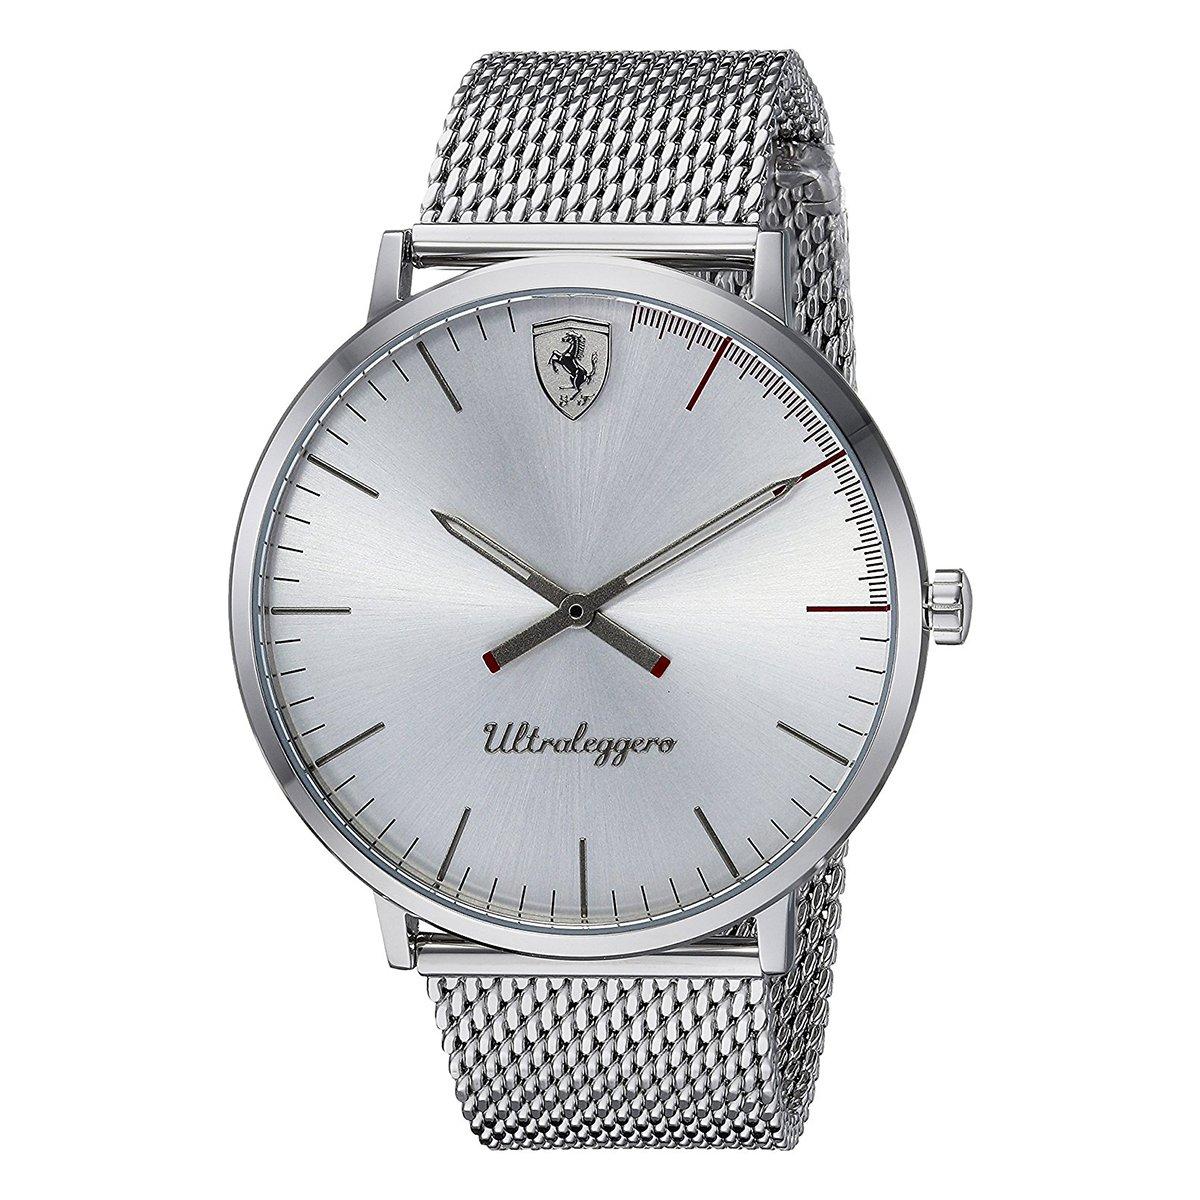 นาฬิกาผู้ชาย Ferrari รุ่น 0830407, Ultraleggero